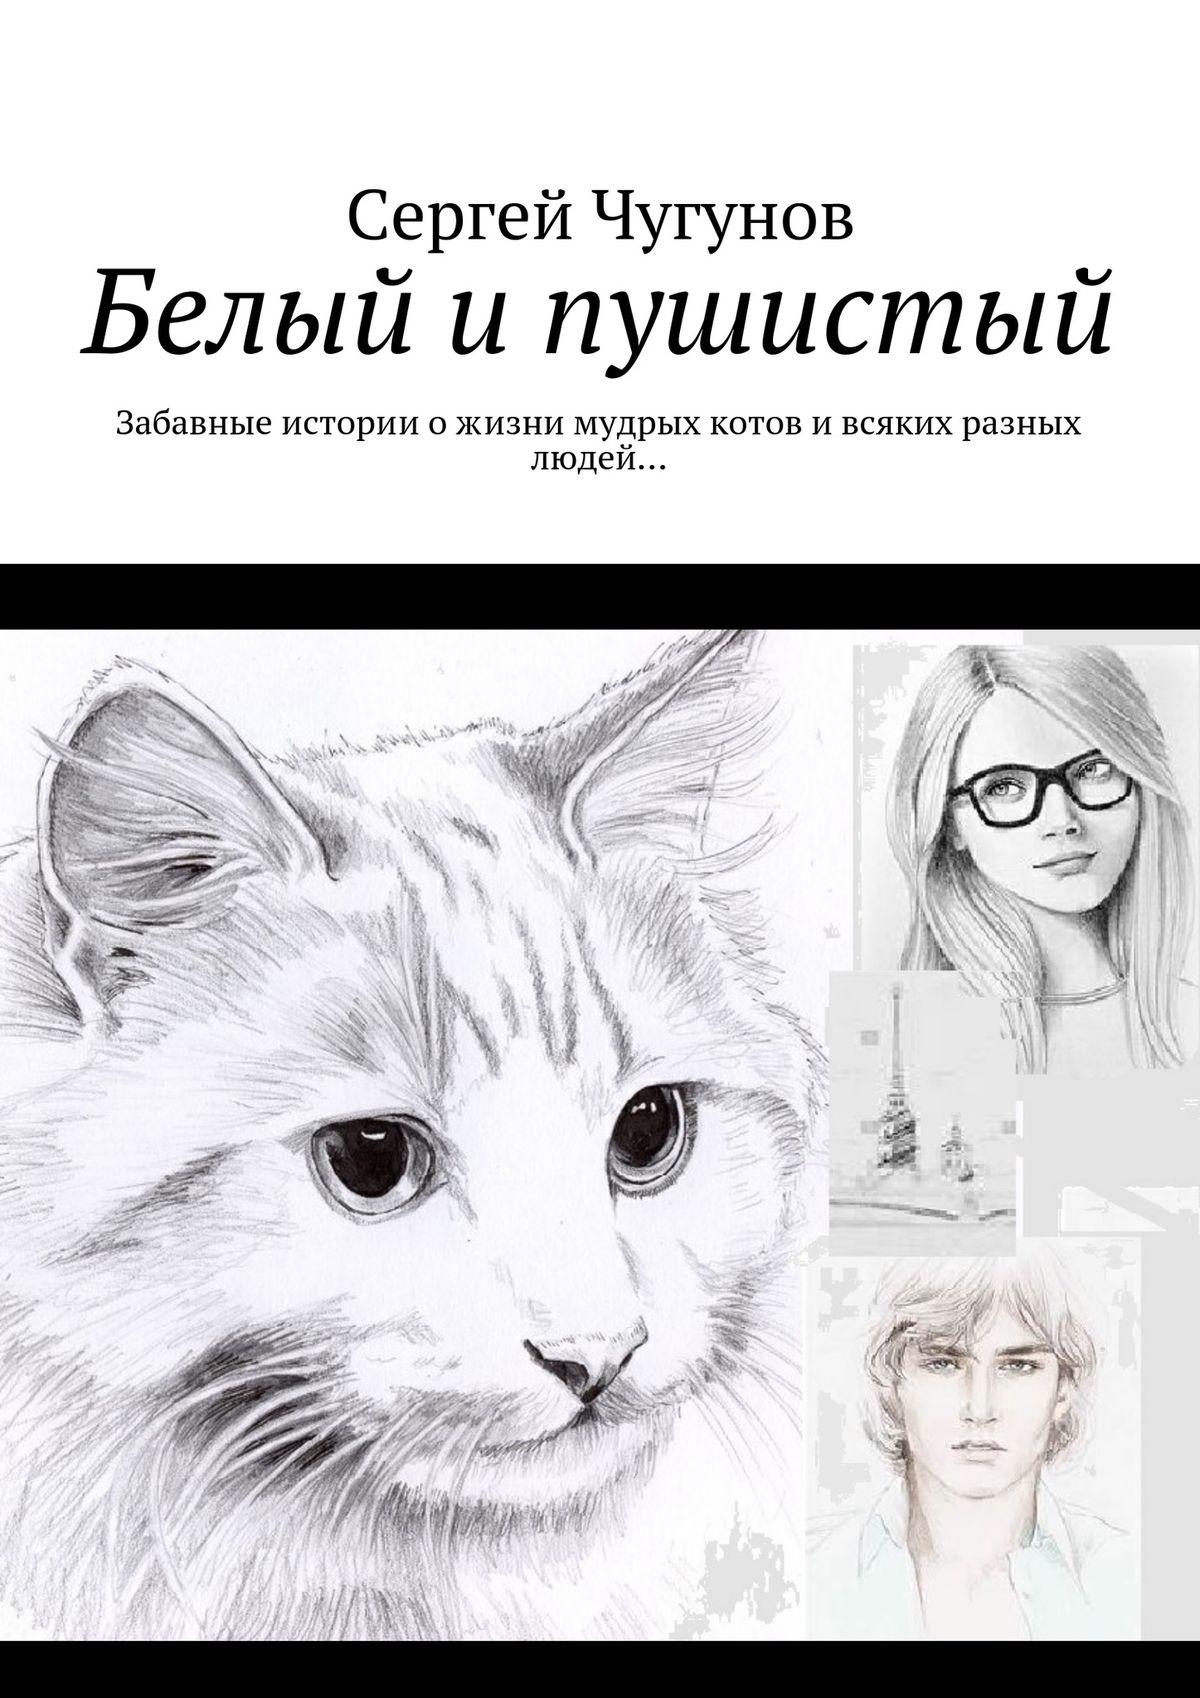 Сергей Чугунов Белый и пушистый. Забавные историиожизни мудрых котови всяких разных людей… цена 2017